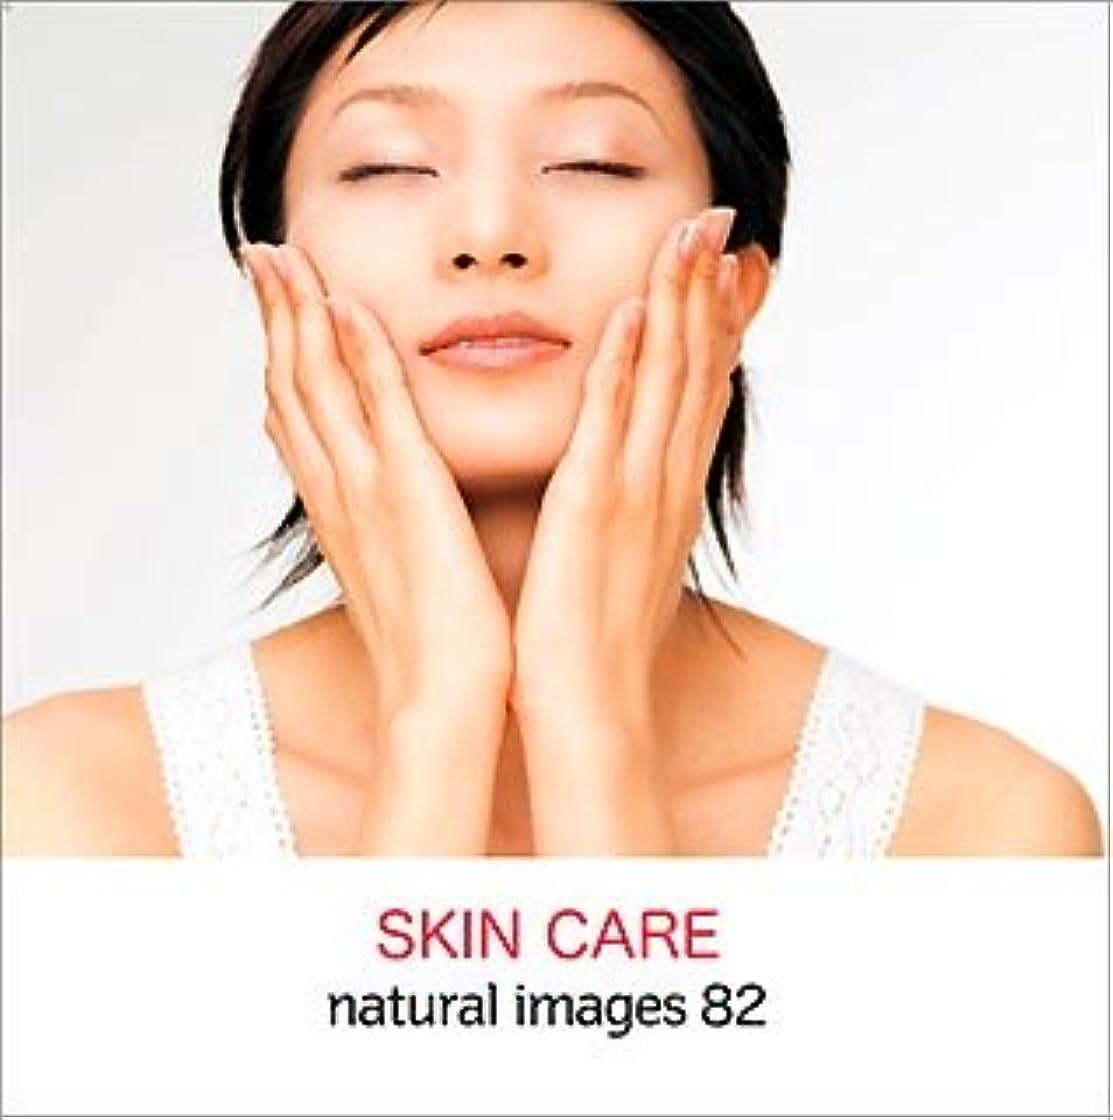 観客優雅狐natural images Vol.82 SKIN CARE